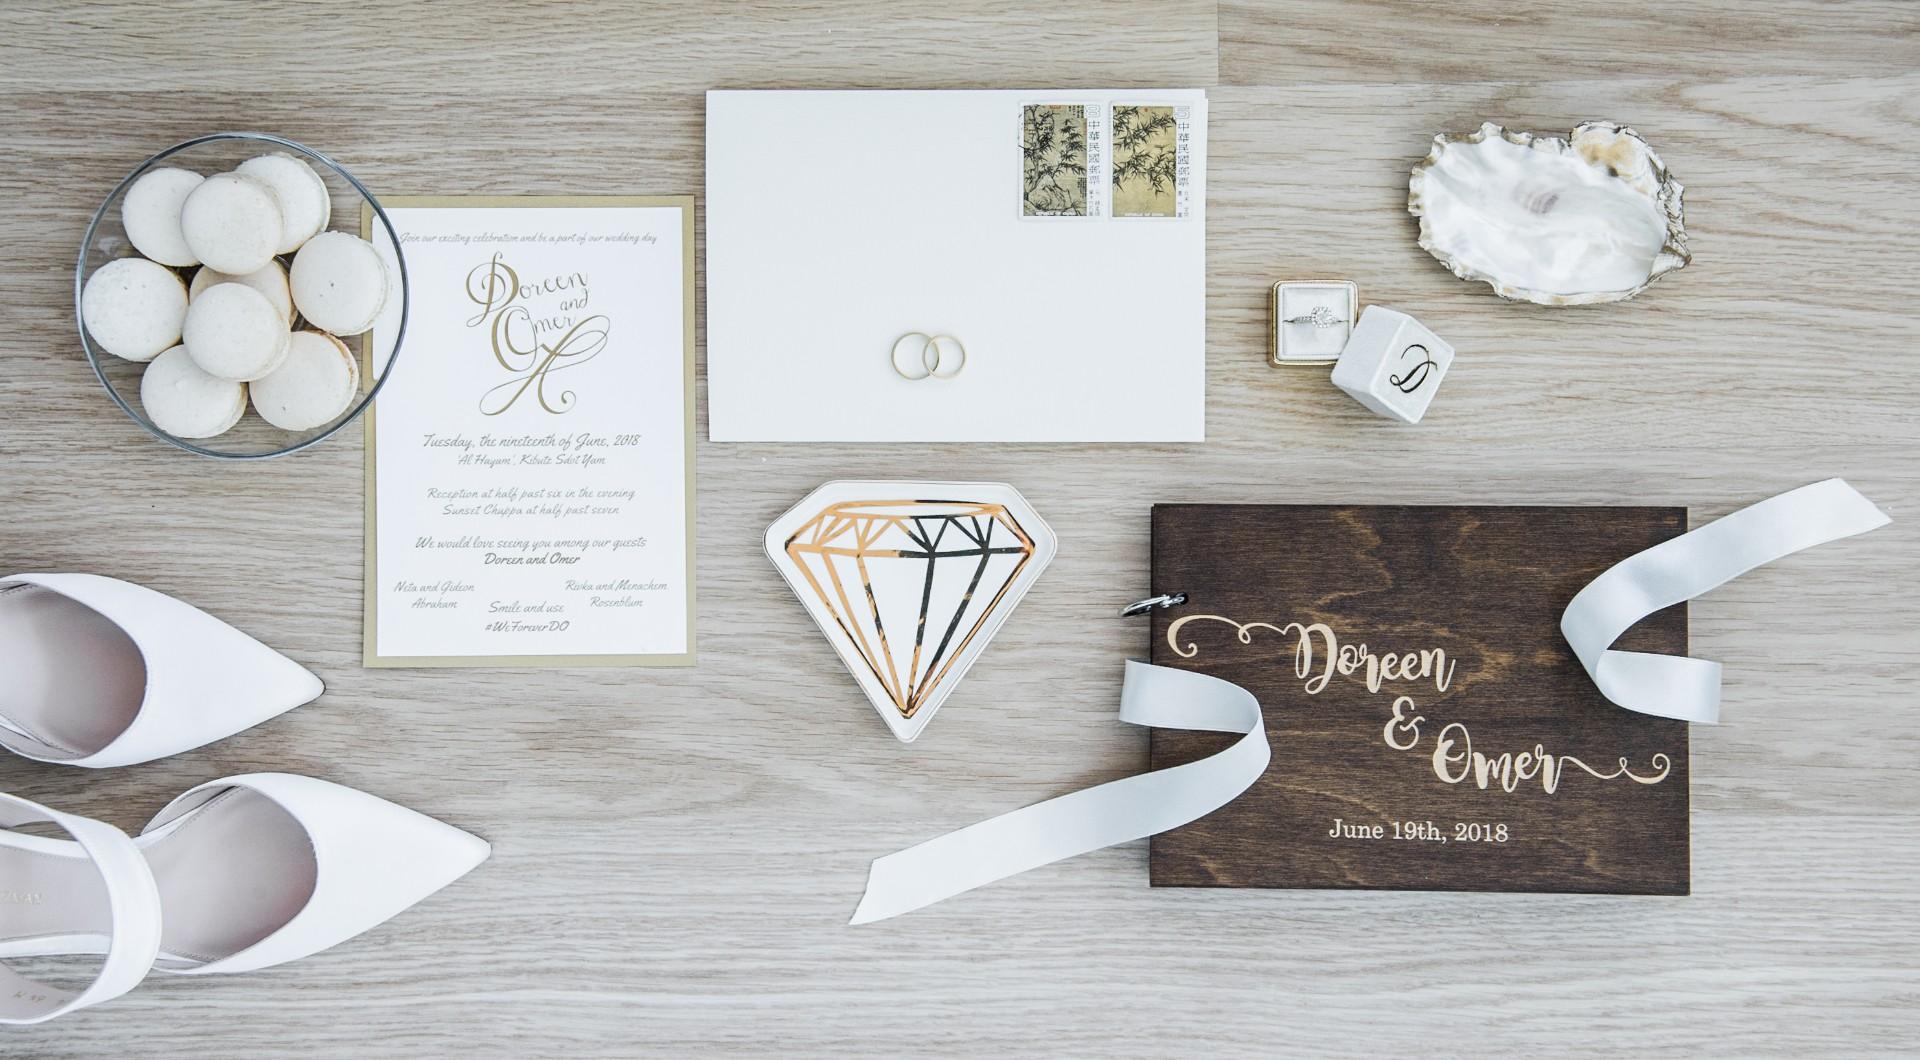 סיפור אהבה חוצה יבשות: החתונה של דורין ועומר